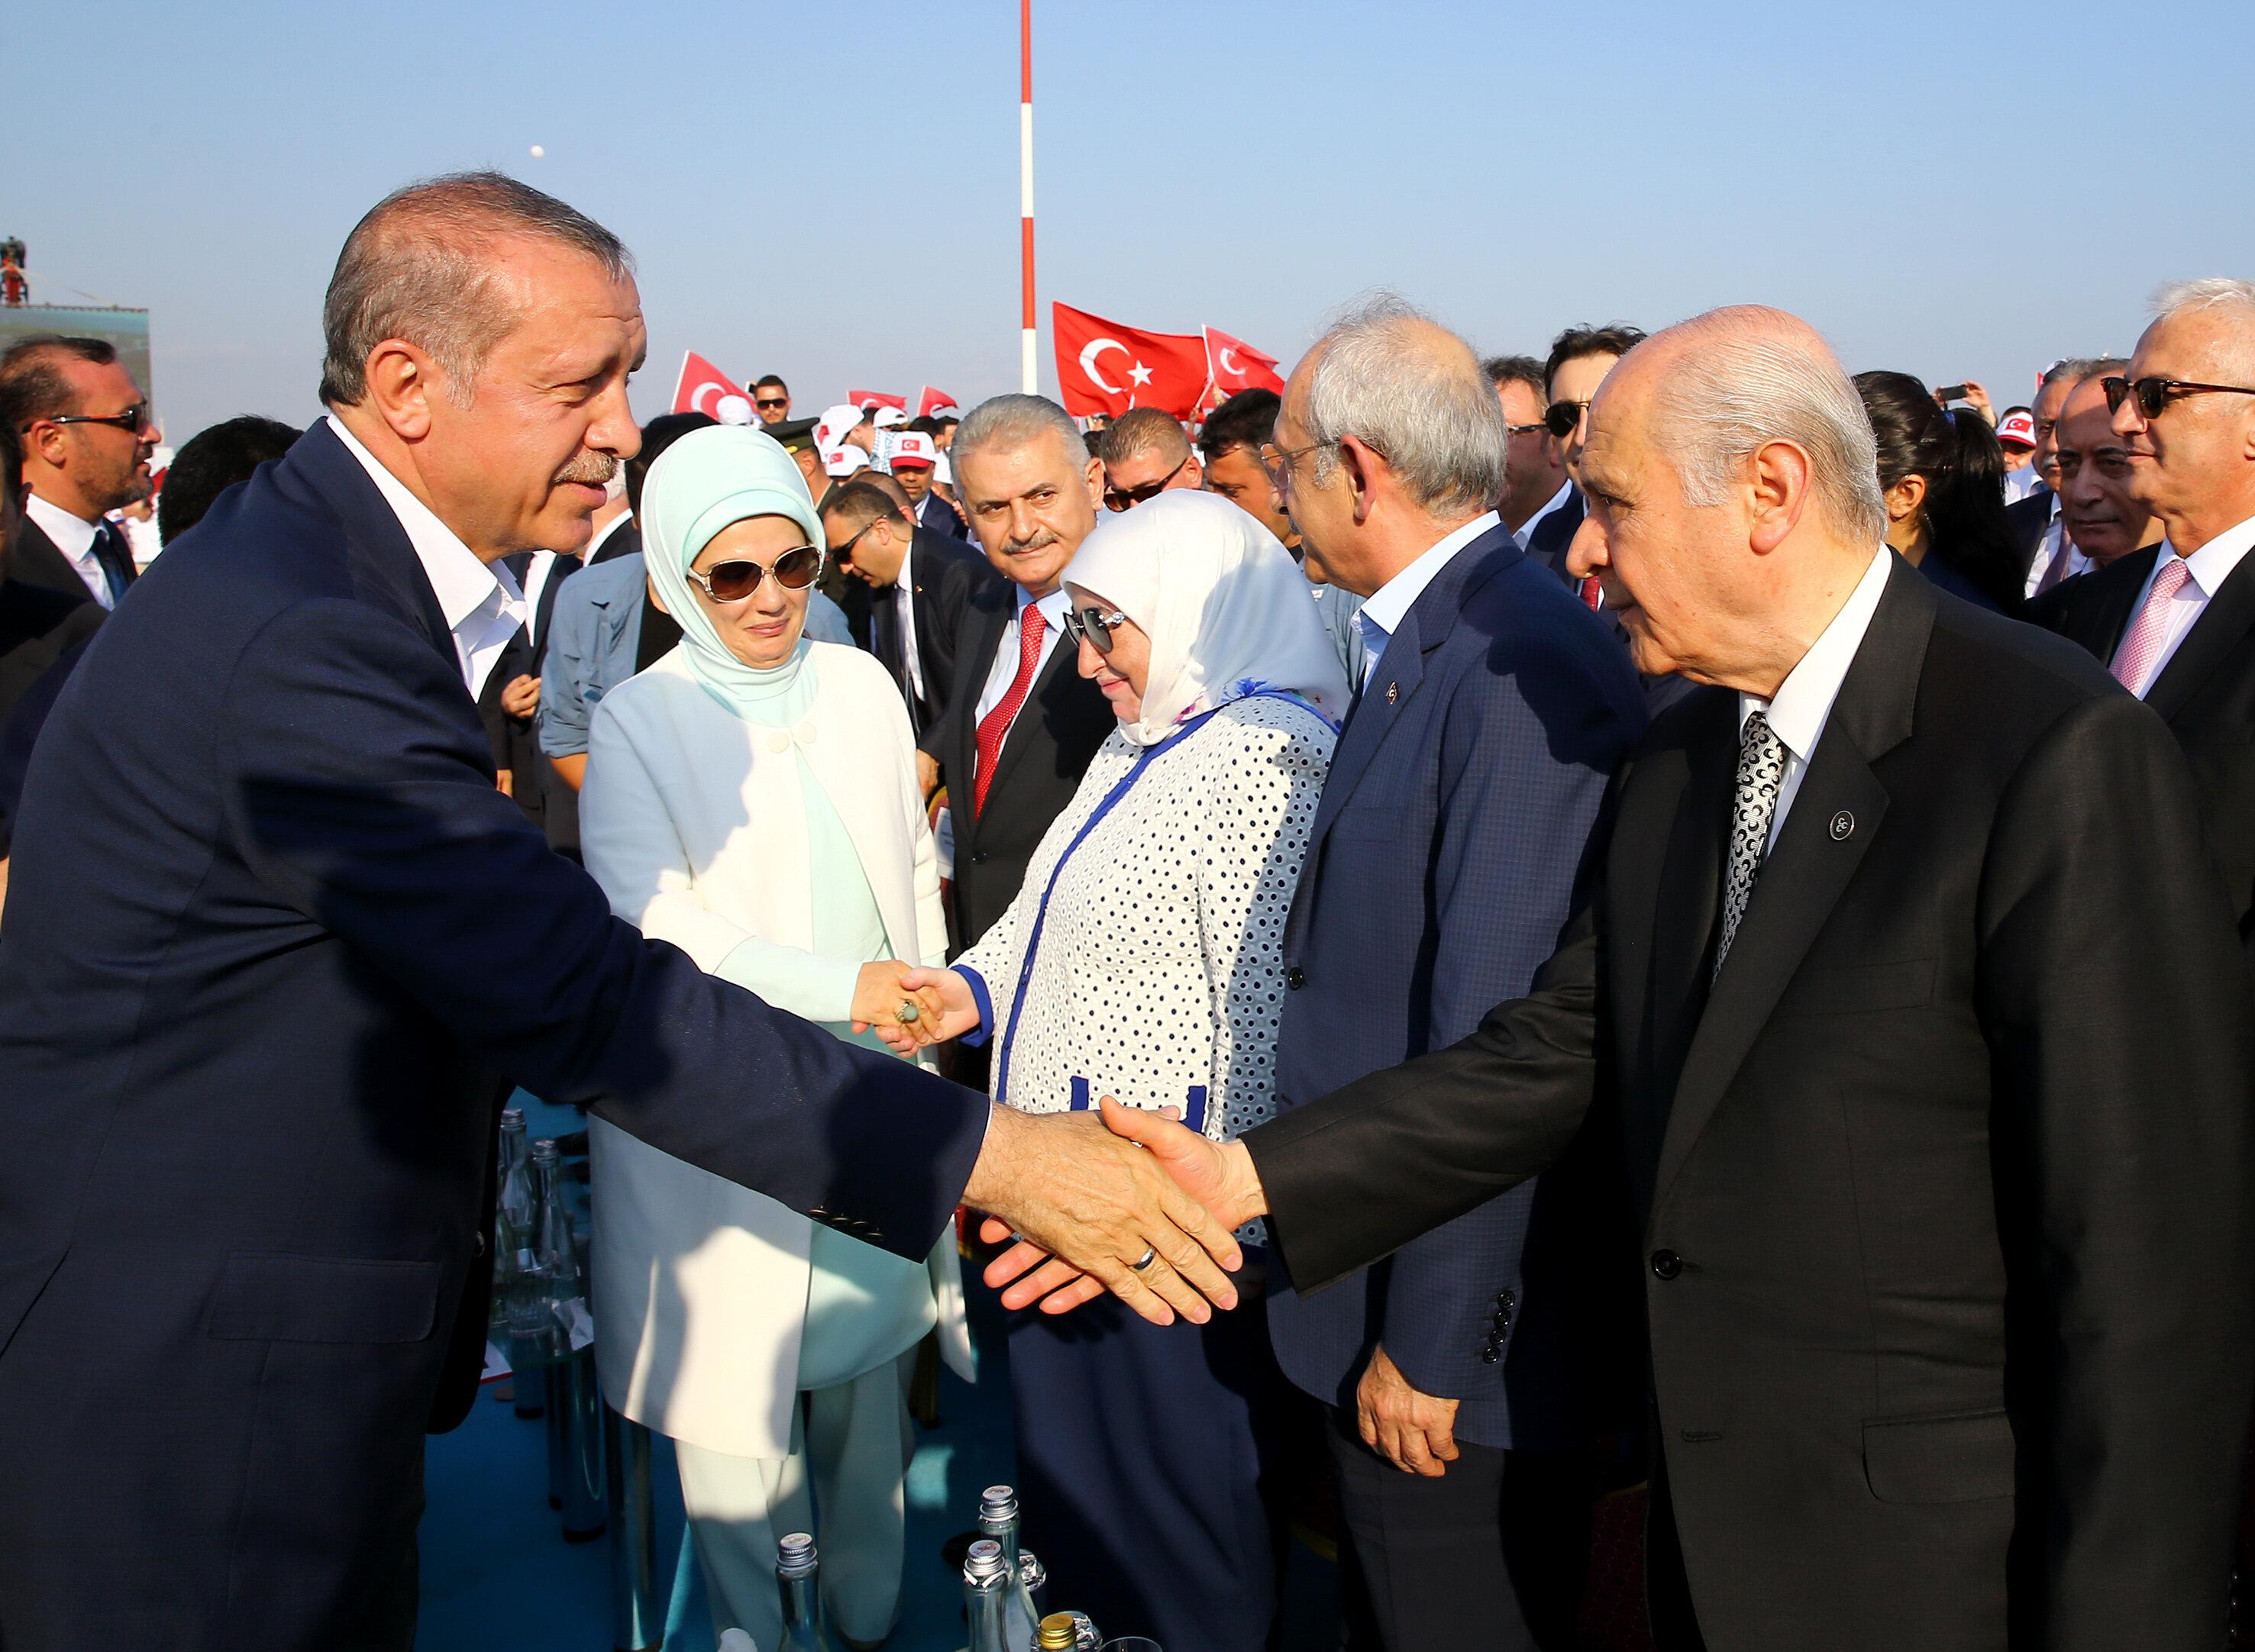 Mitinge, Cumhurbaşkanı Erdoğan, Başbakan Binali Yıldırım, CHP Genel Başkanı Kemal Kılıçdaroğlu, MHP Genel Başkanı Devlet Bahçeli, eski Cumhurbaşkanı Abdullah Gül ve Genelkurmay Başkanı Hulusi Akar da katıldı.